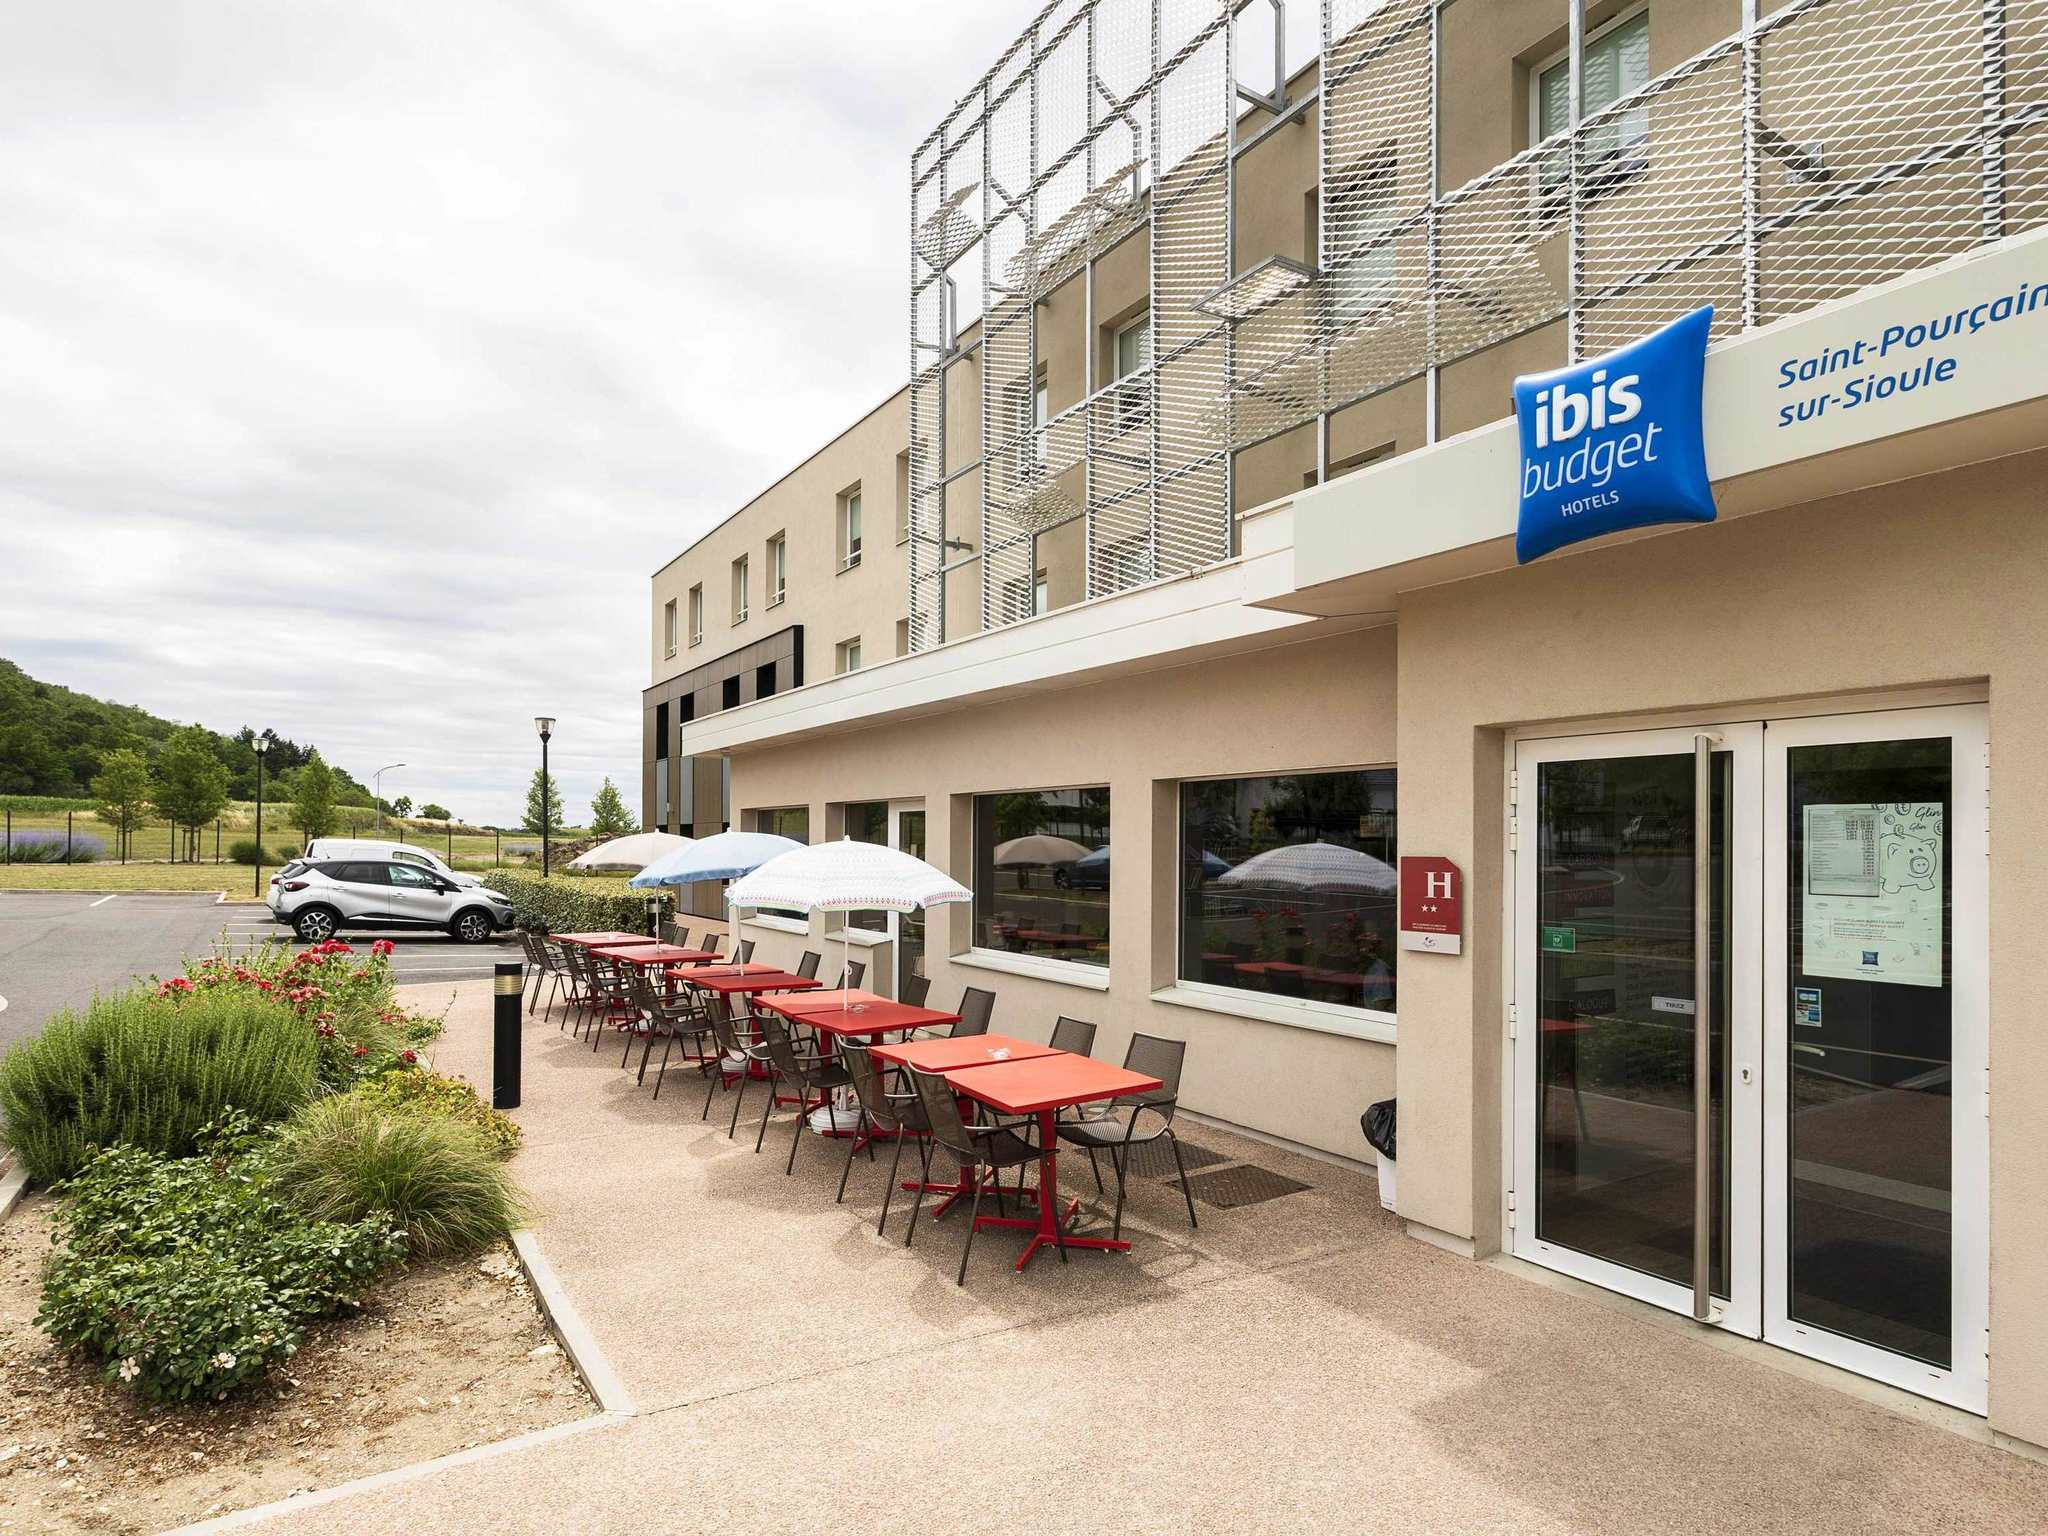 فندق - ibis budget Saint-Pourçain-sur-Sioule